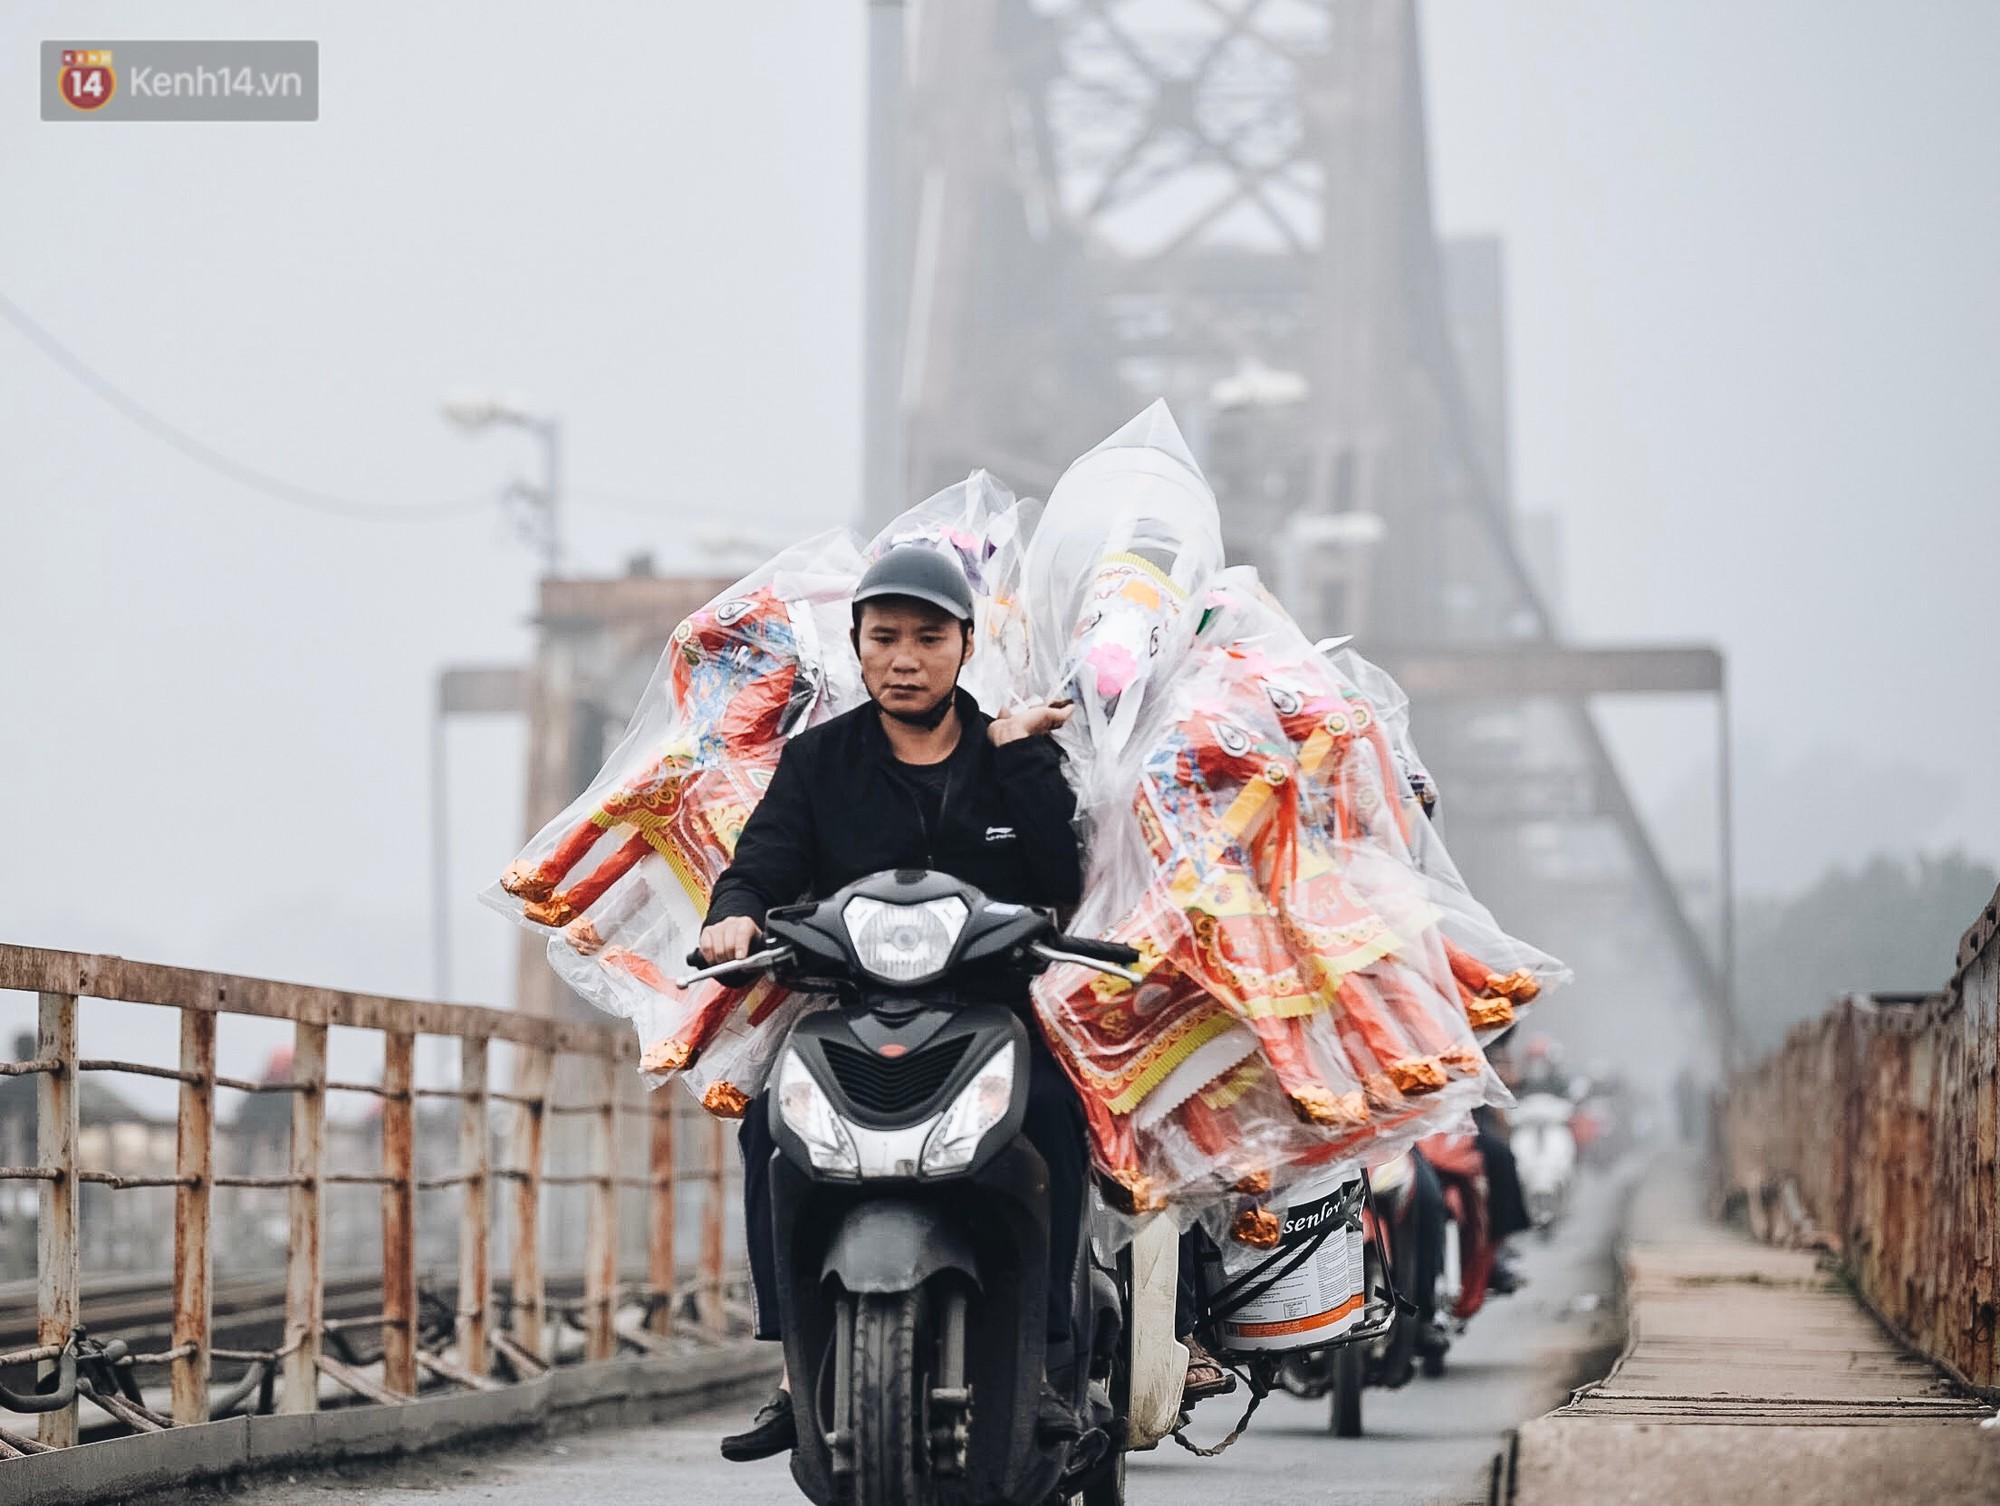 Chùm ảnh: Sáng cuối tuần, sương mù dày đặc phủ kín Hà Nội khiến người dân ngỡ như đang ở Sapa - Ảnh 9.